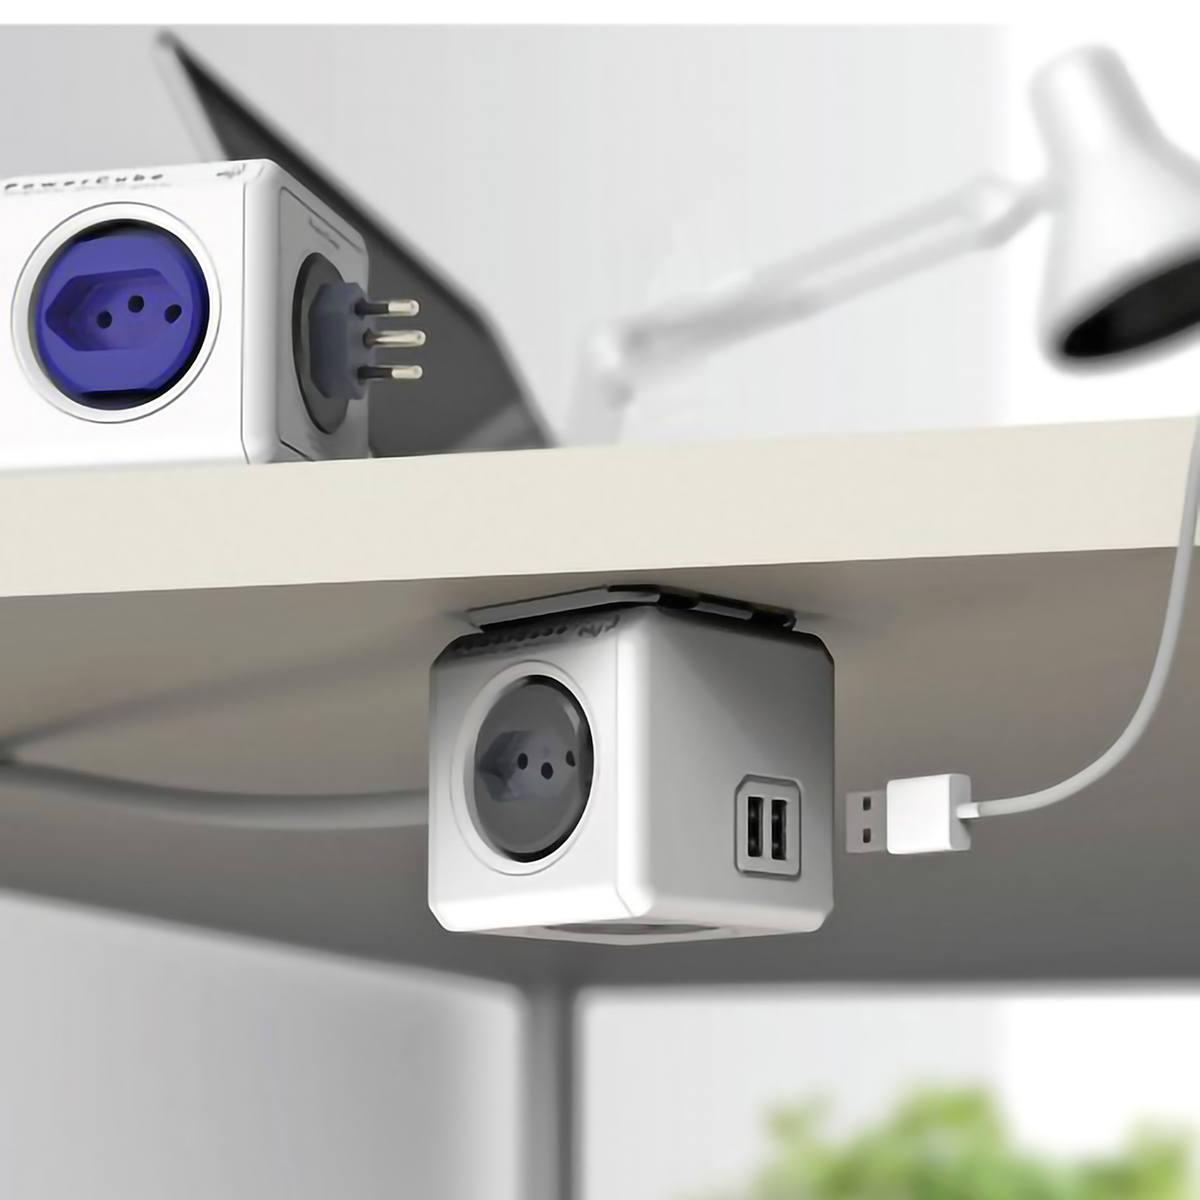 PowerCube Adaptador de Tomadas Bivolt 4 Tomadas Livres de Bloqueio com Cabo Extensor 1,5m + 2 USB 2.4A ELG PWC-X4U